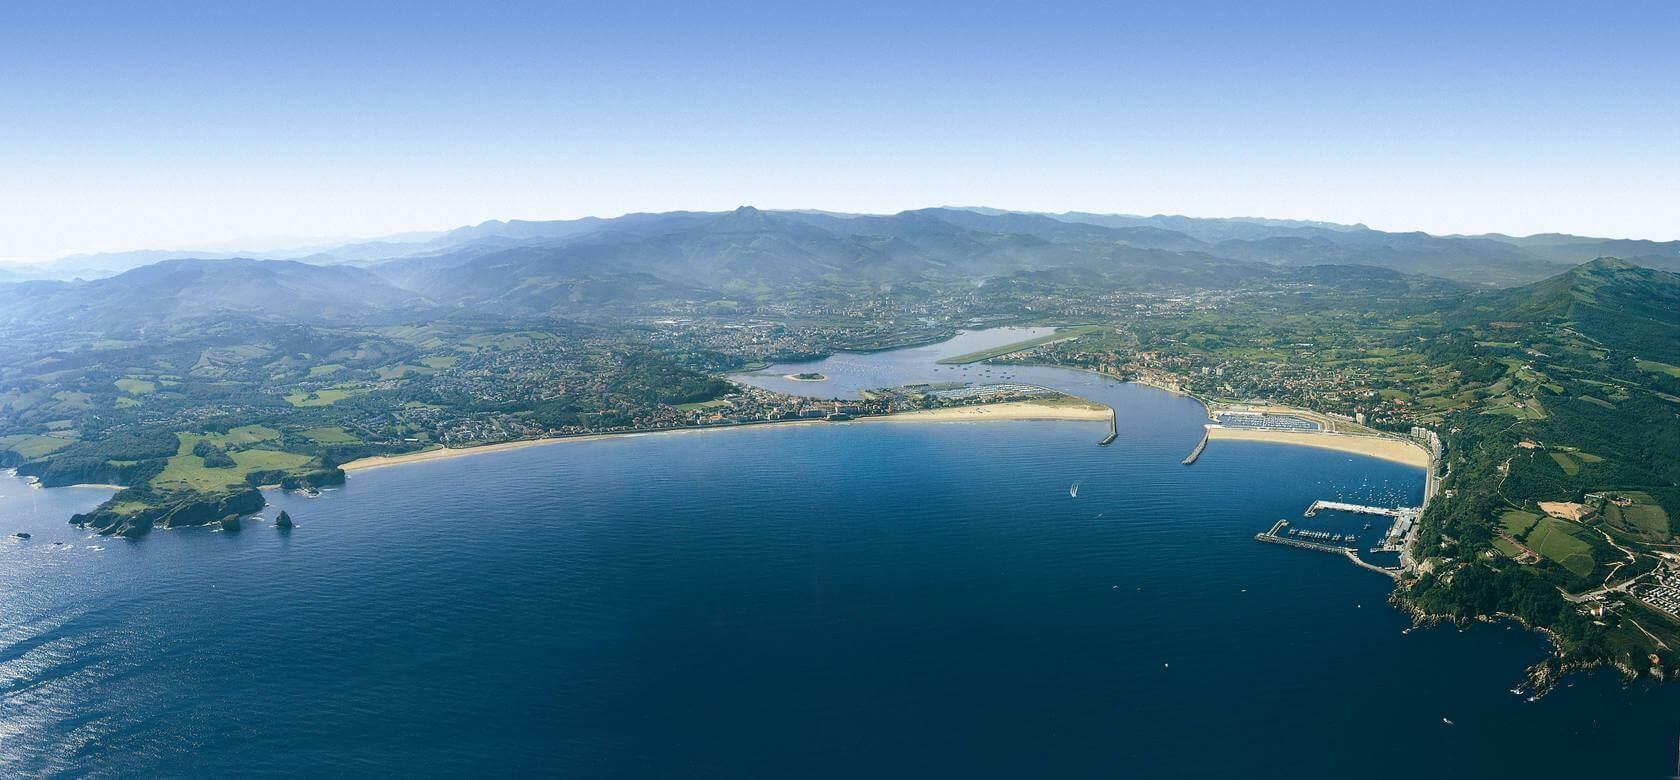 Bahía de Fuenterrebia Gipuzkoa